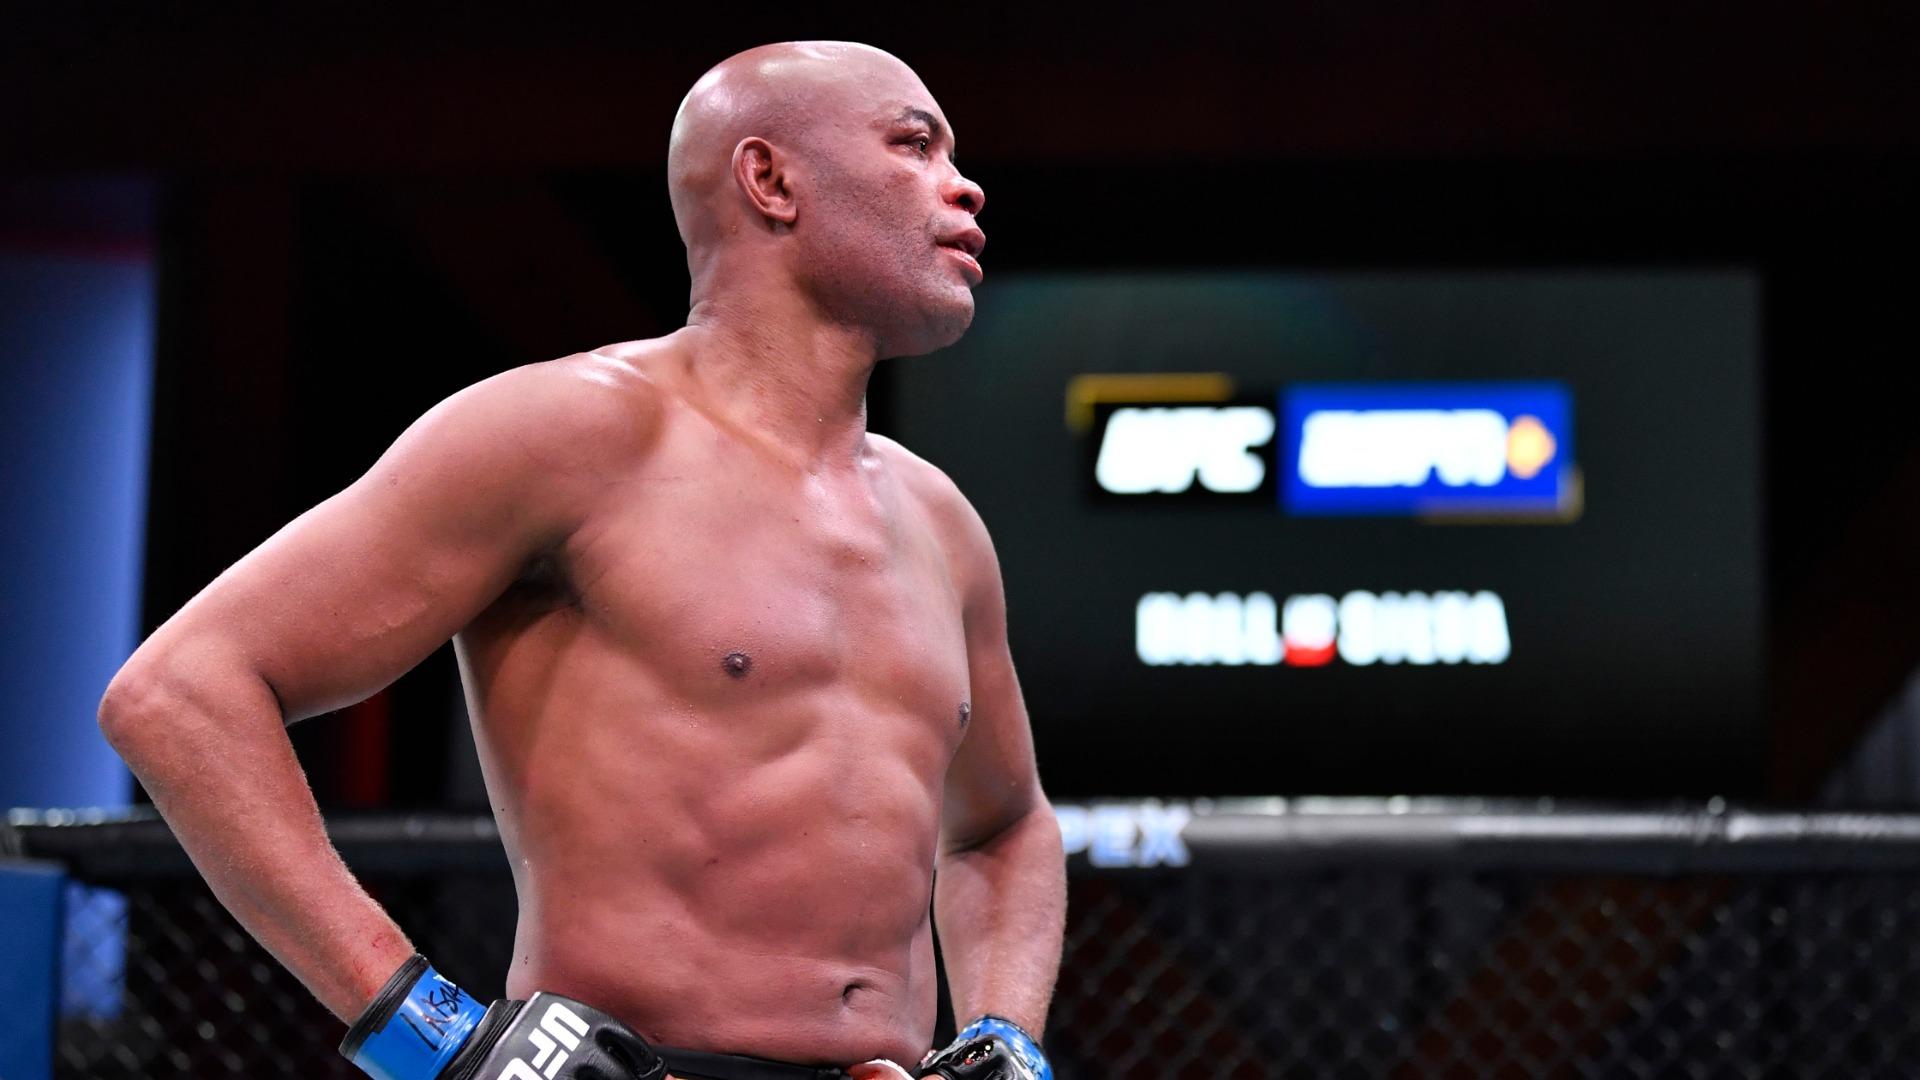 Anderson Silva should never fight again – White